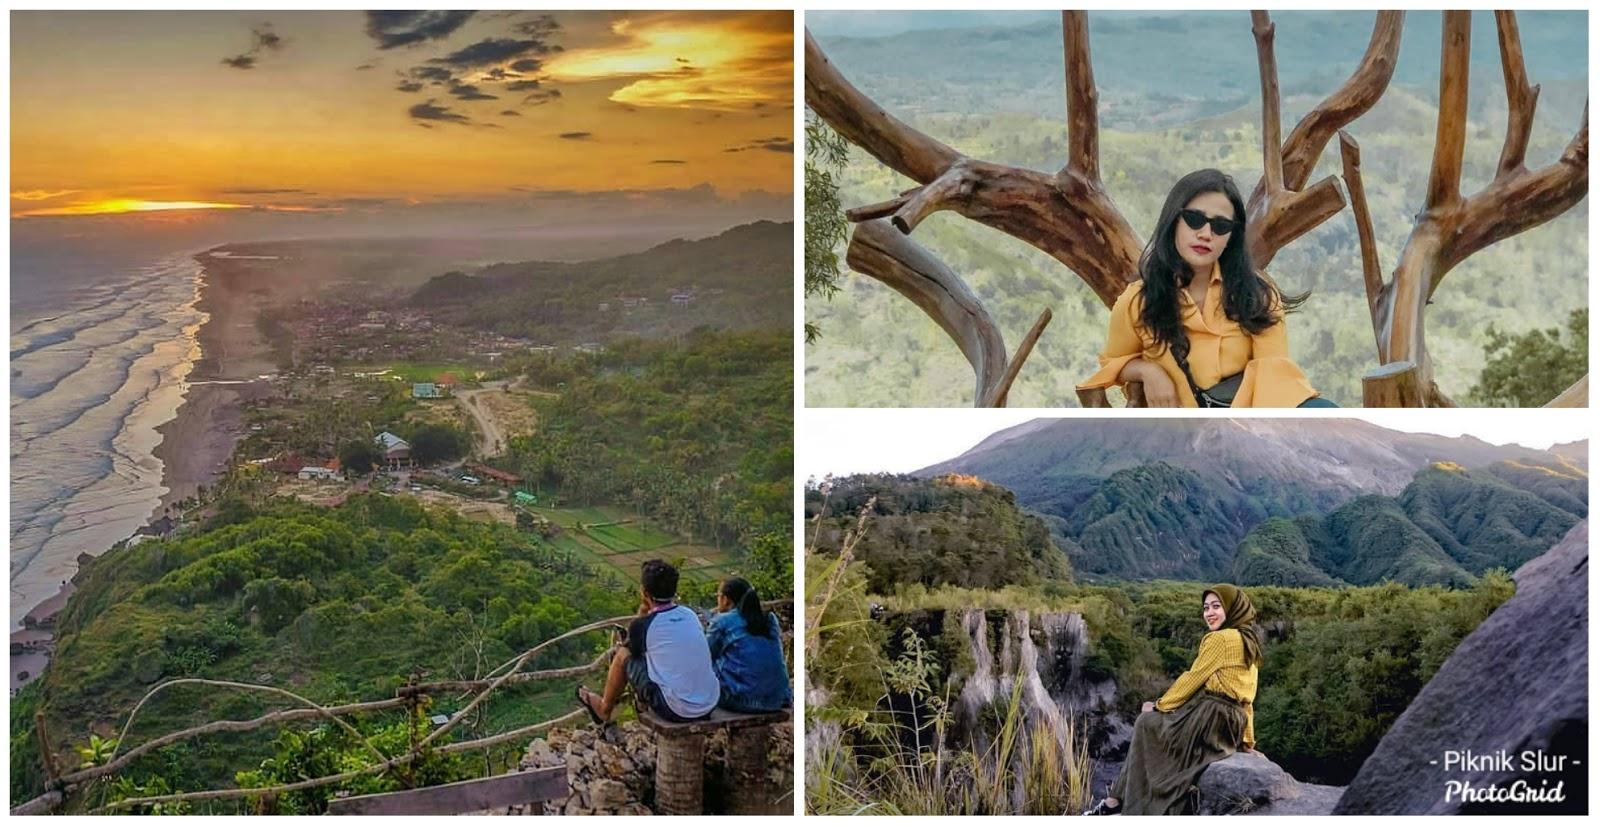 25 Tempat Wisata Di Jogja Yang Paling Hits Dikunjungi 2020 Piknikslur Site